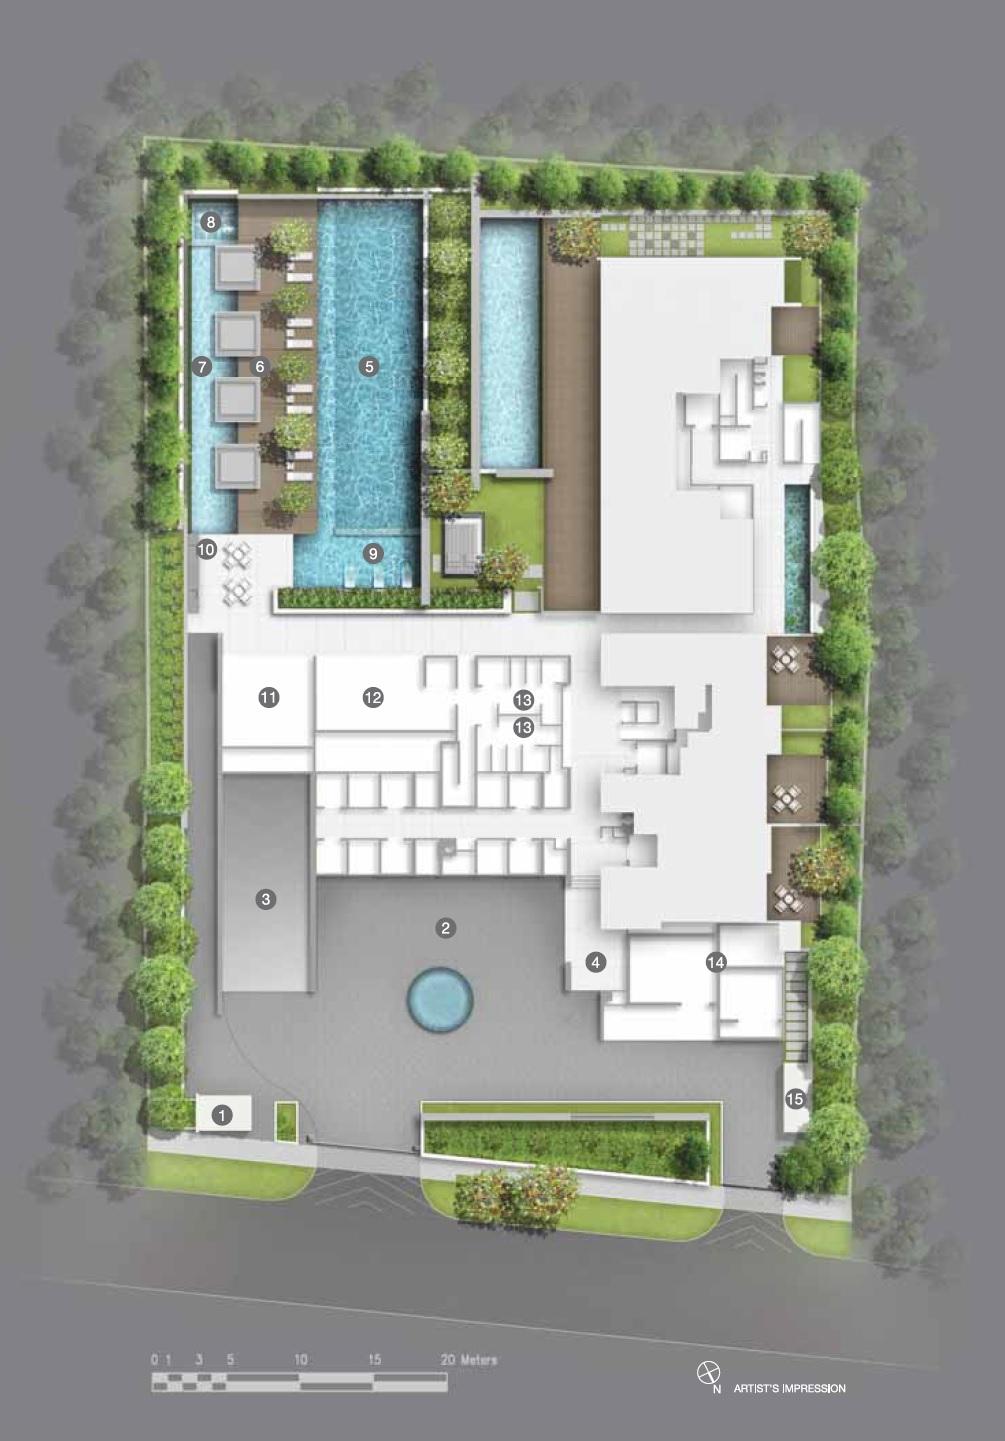 Lloyd SixtyFive site plan